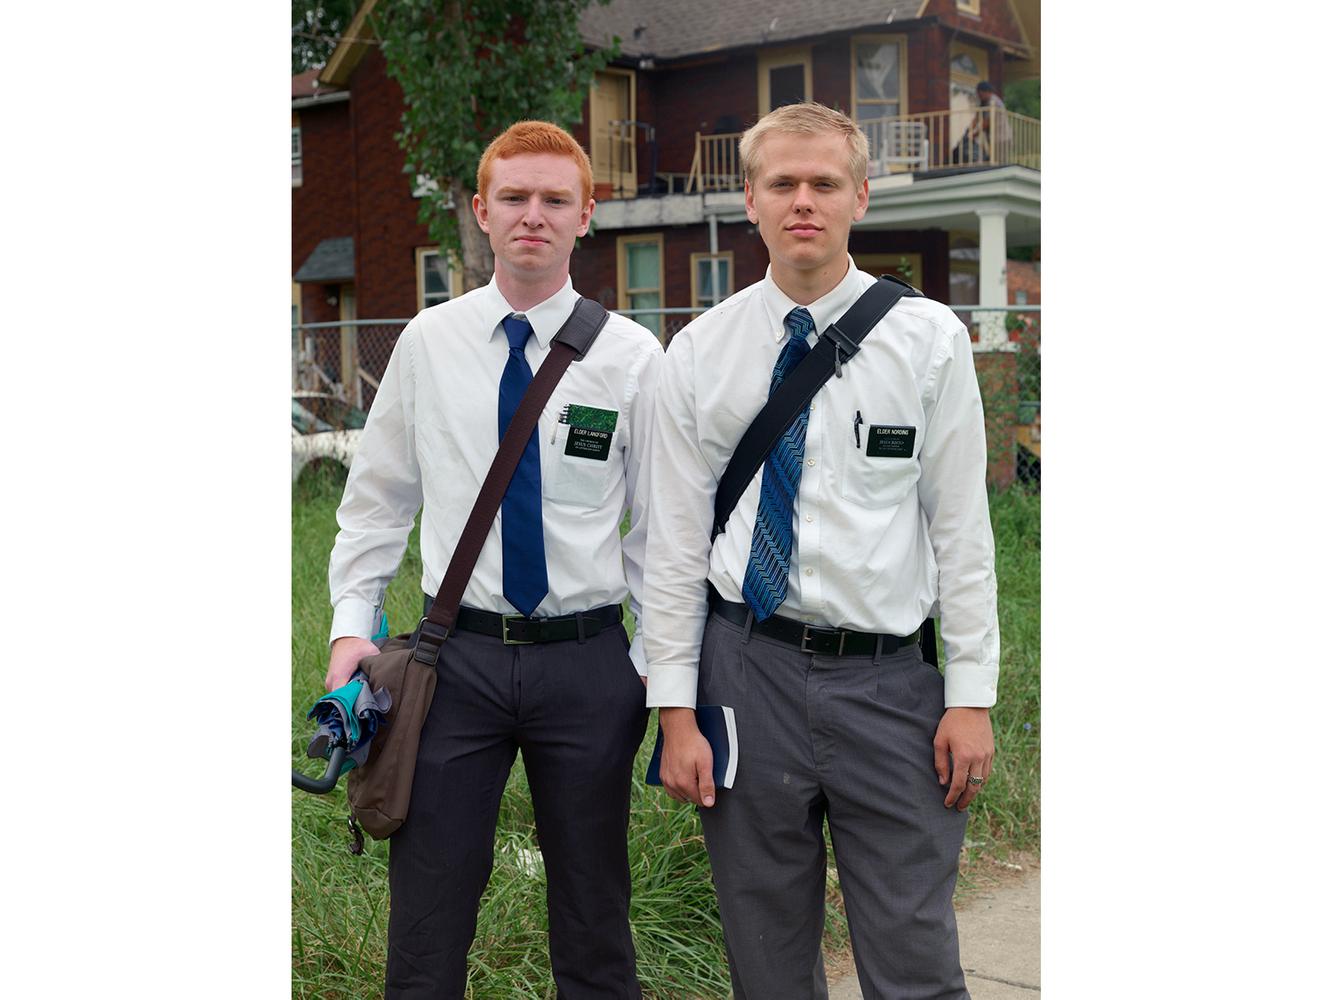 Two Mormon Missionaries,  Southwest Side, Detroit 2014